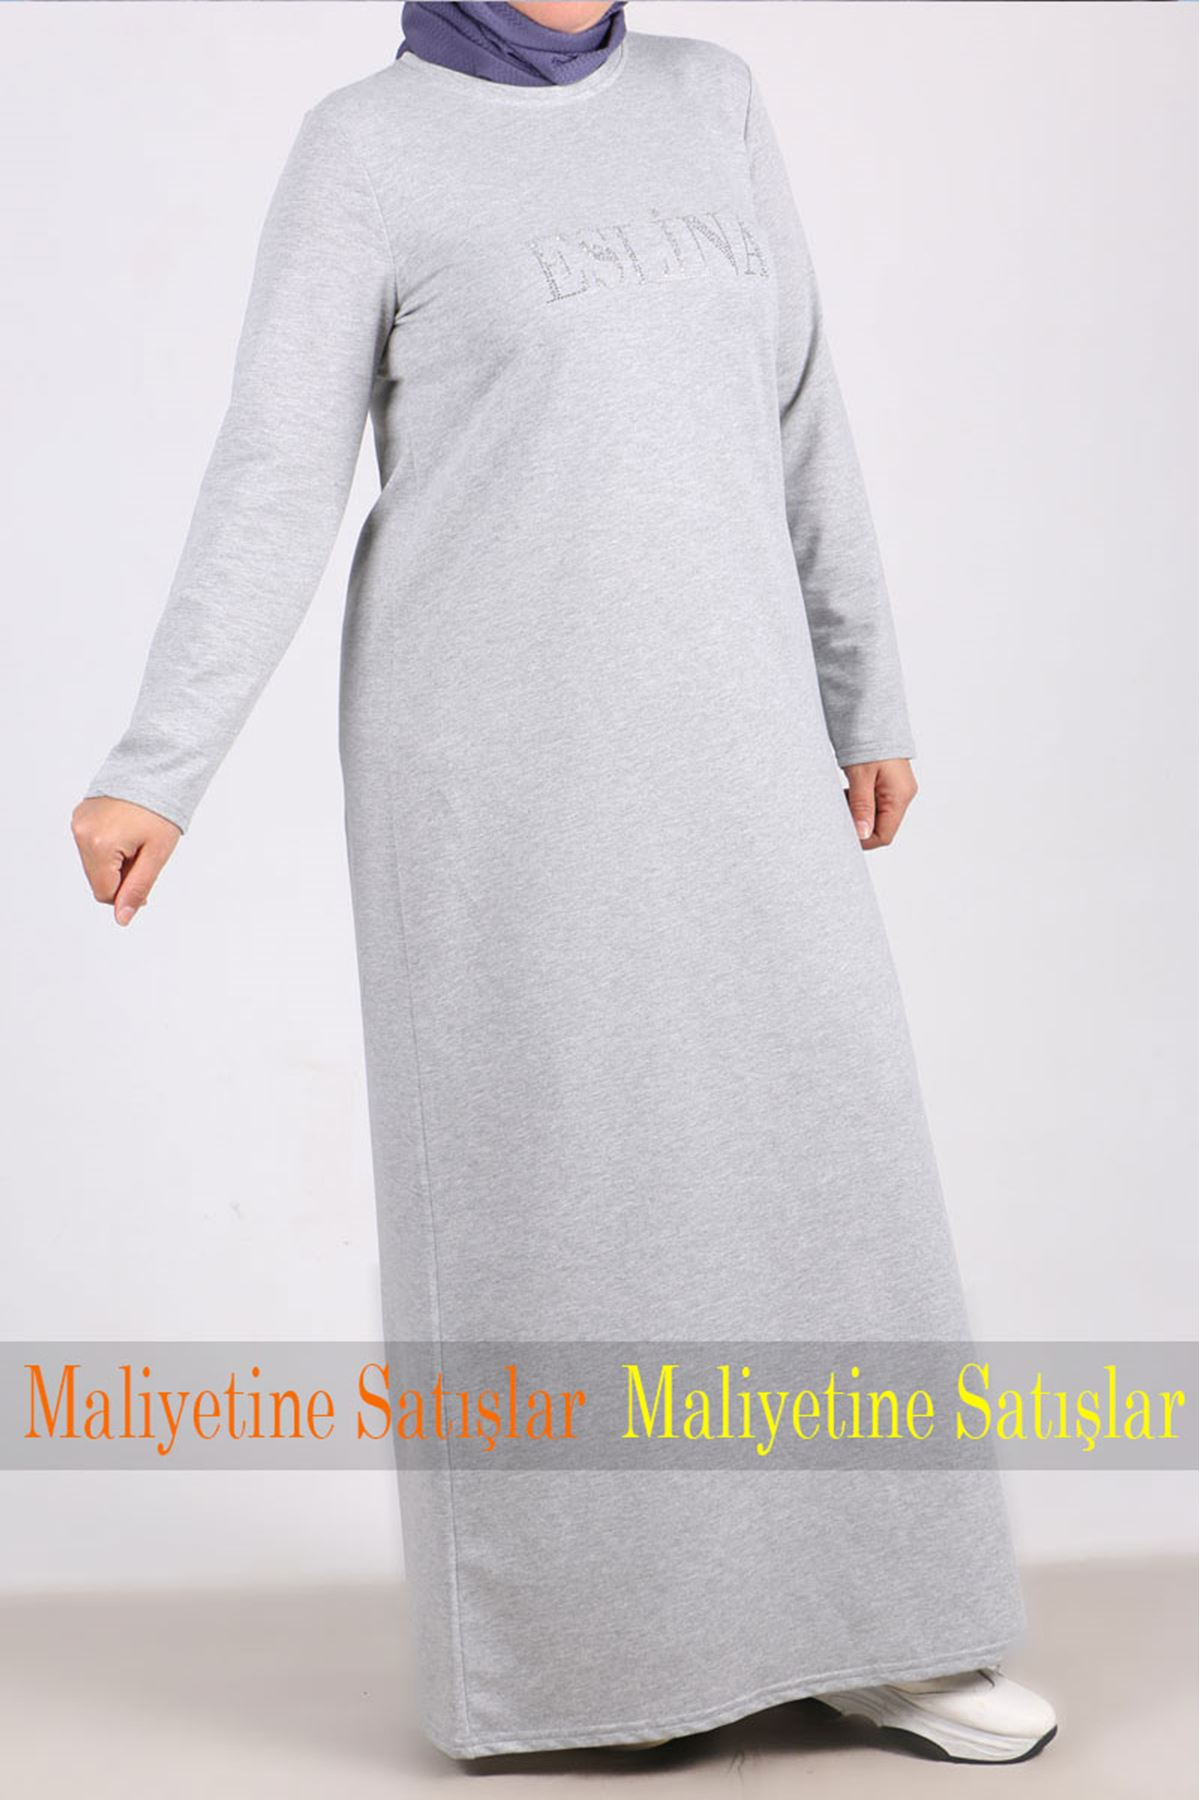 2080 Büyük Beden Önü Taş Baskılı İki İplik Elbise - Gri - kopya